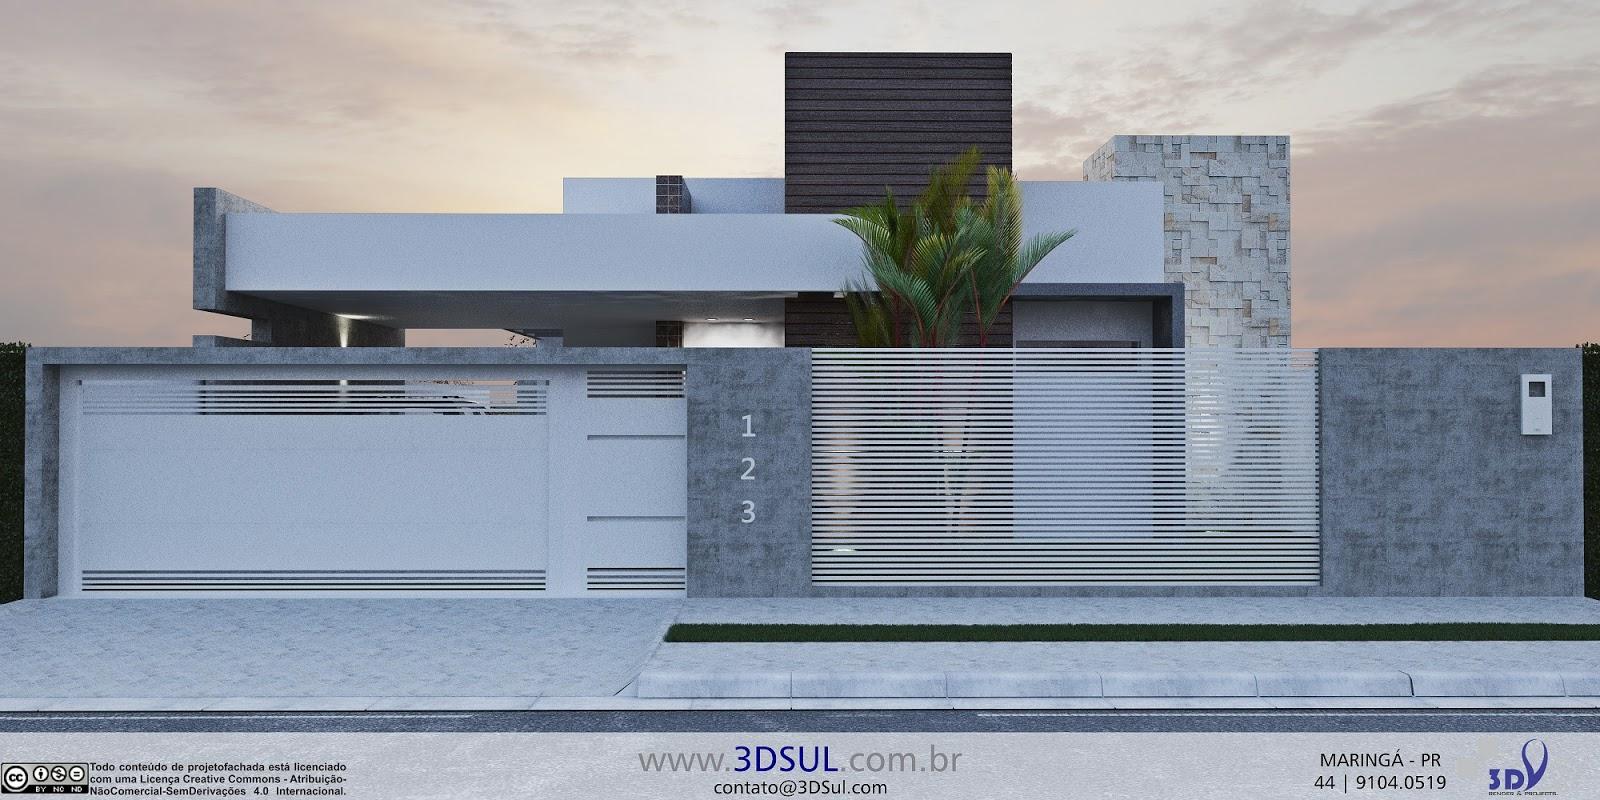 Eletrônica 3D: Projeto Arquitetonico 3D Casa Moderna com Piscina #4C617F 1600 800